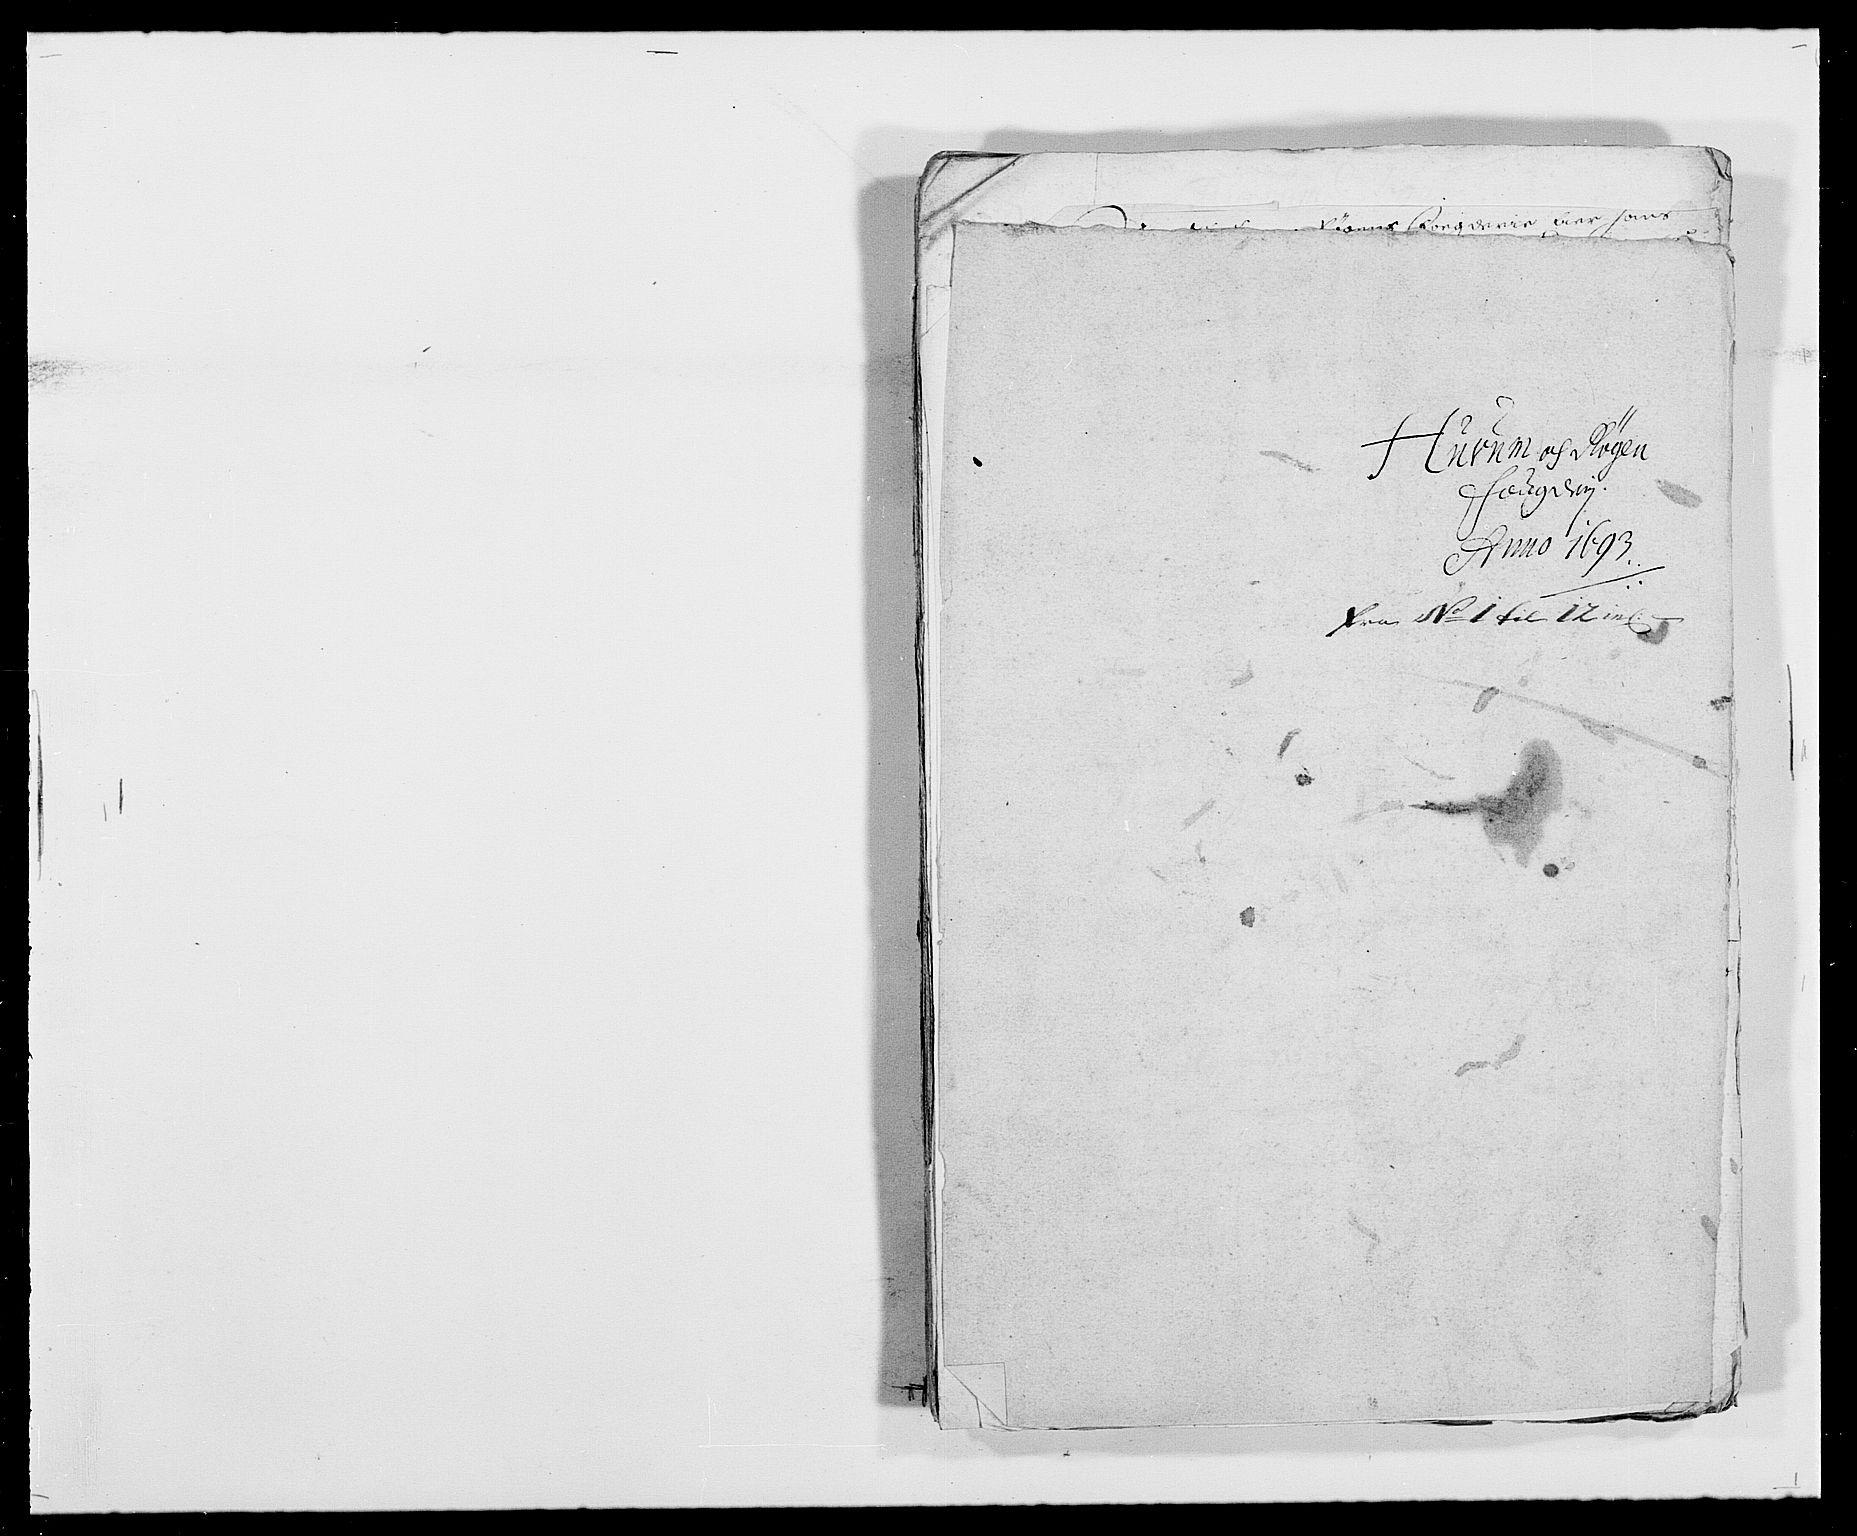 RA, Rentekammeret inntil 1814, Reviderte regnskaper, Fogderegnskap, R29/L1693: Fogderegnskap Hurum og Røyken, 1688-1693, s. 483